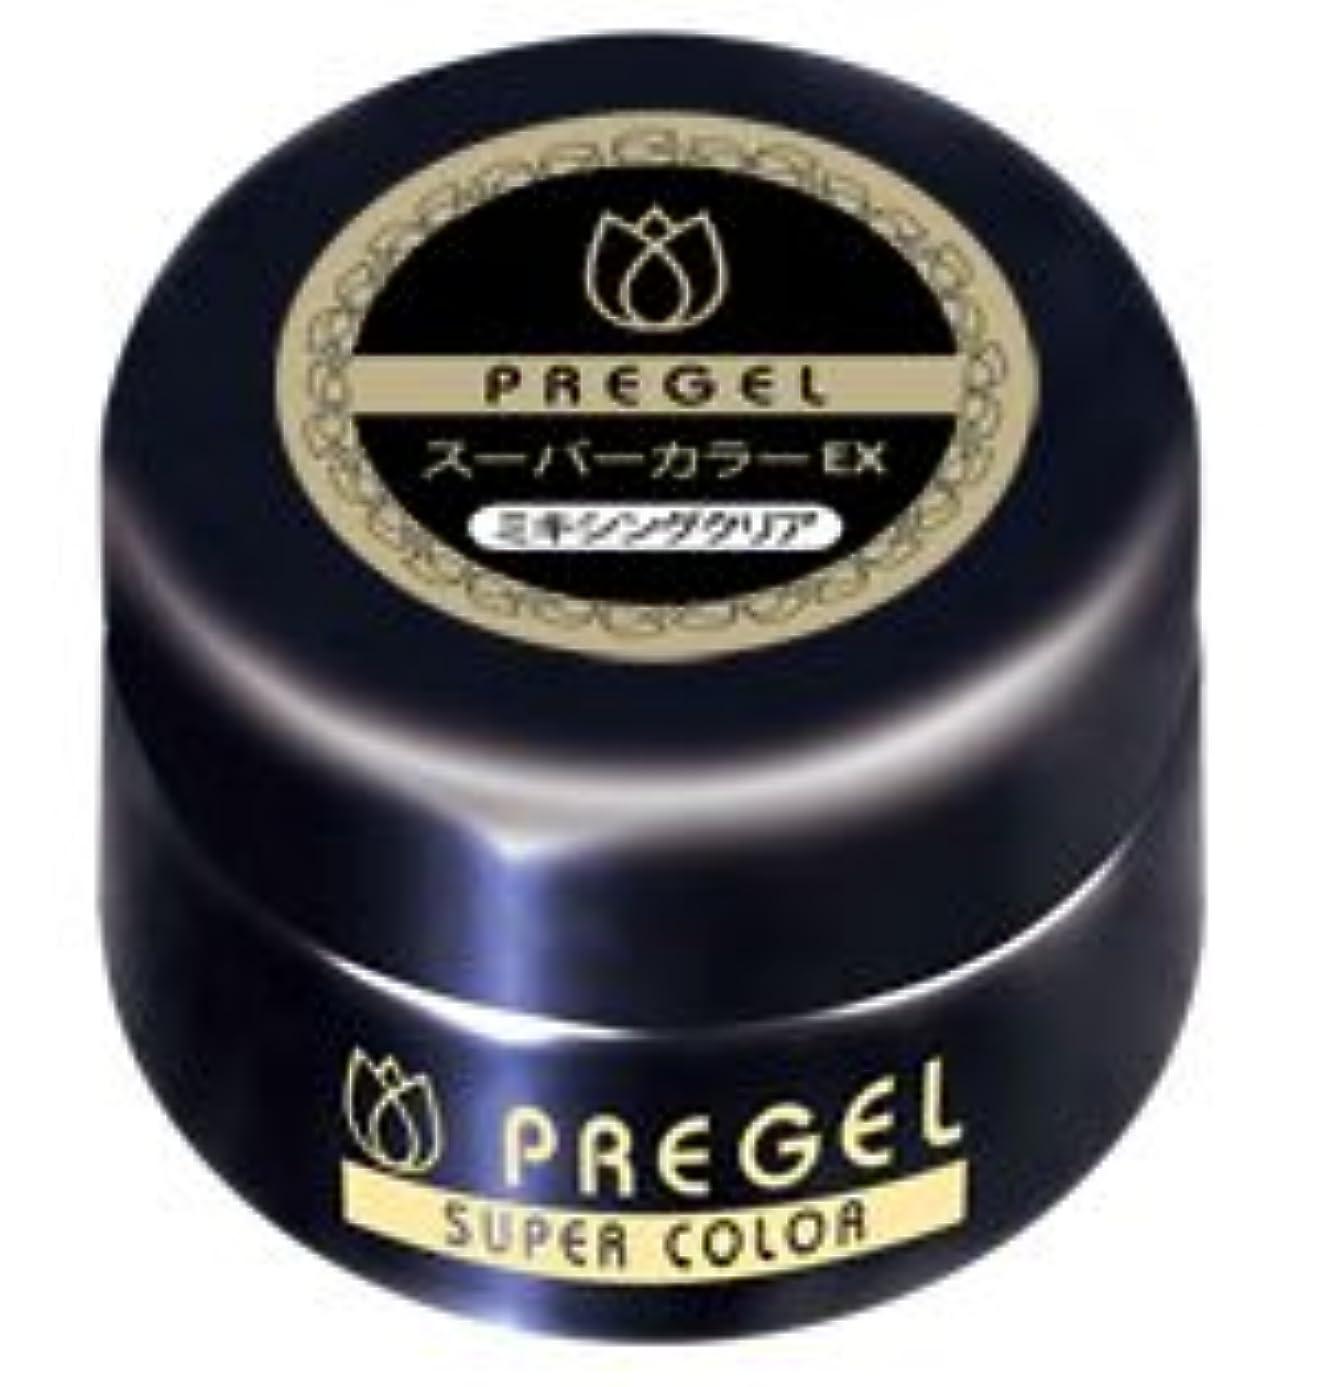 まともな保護するチューブPREGEL(プリジェル) スーパーカラーEx PG-SE000 <BR>ミキシングクリア 4g